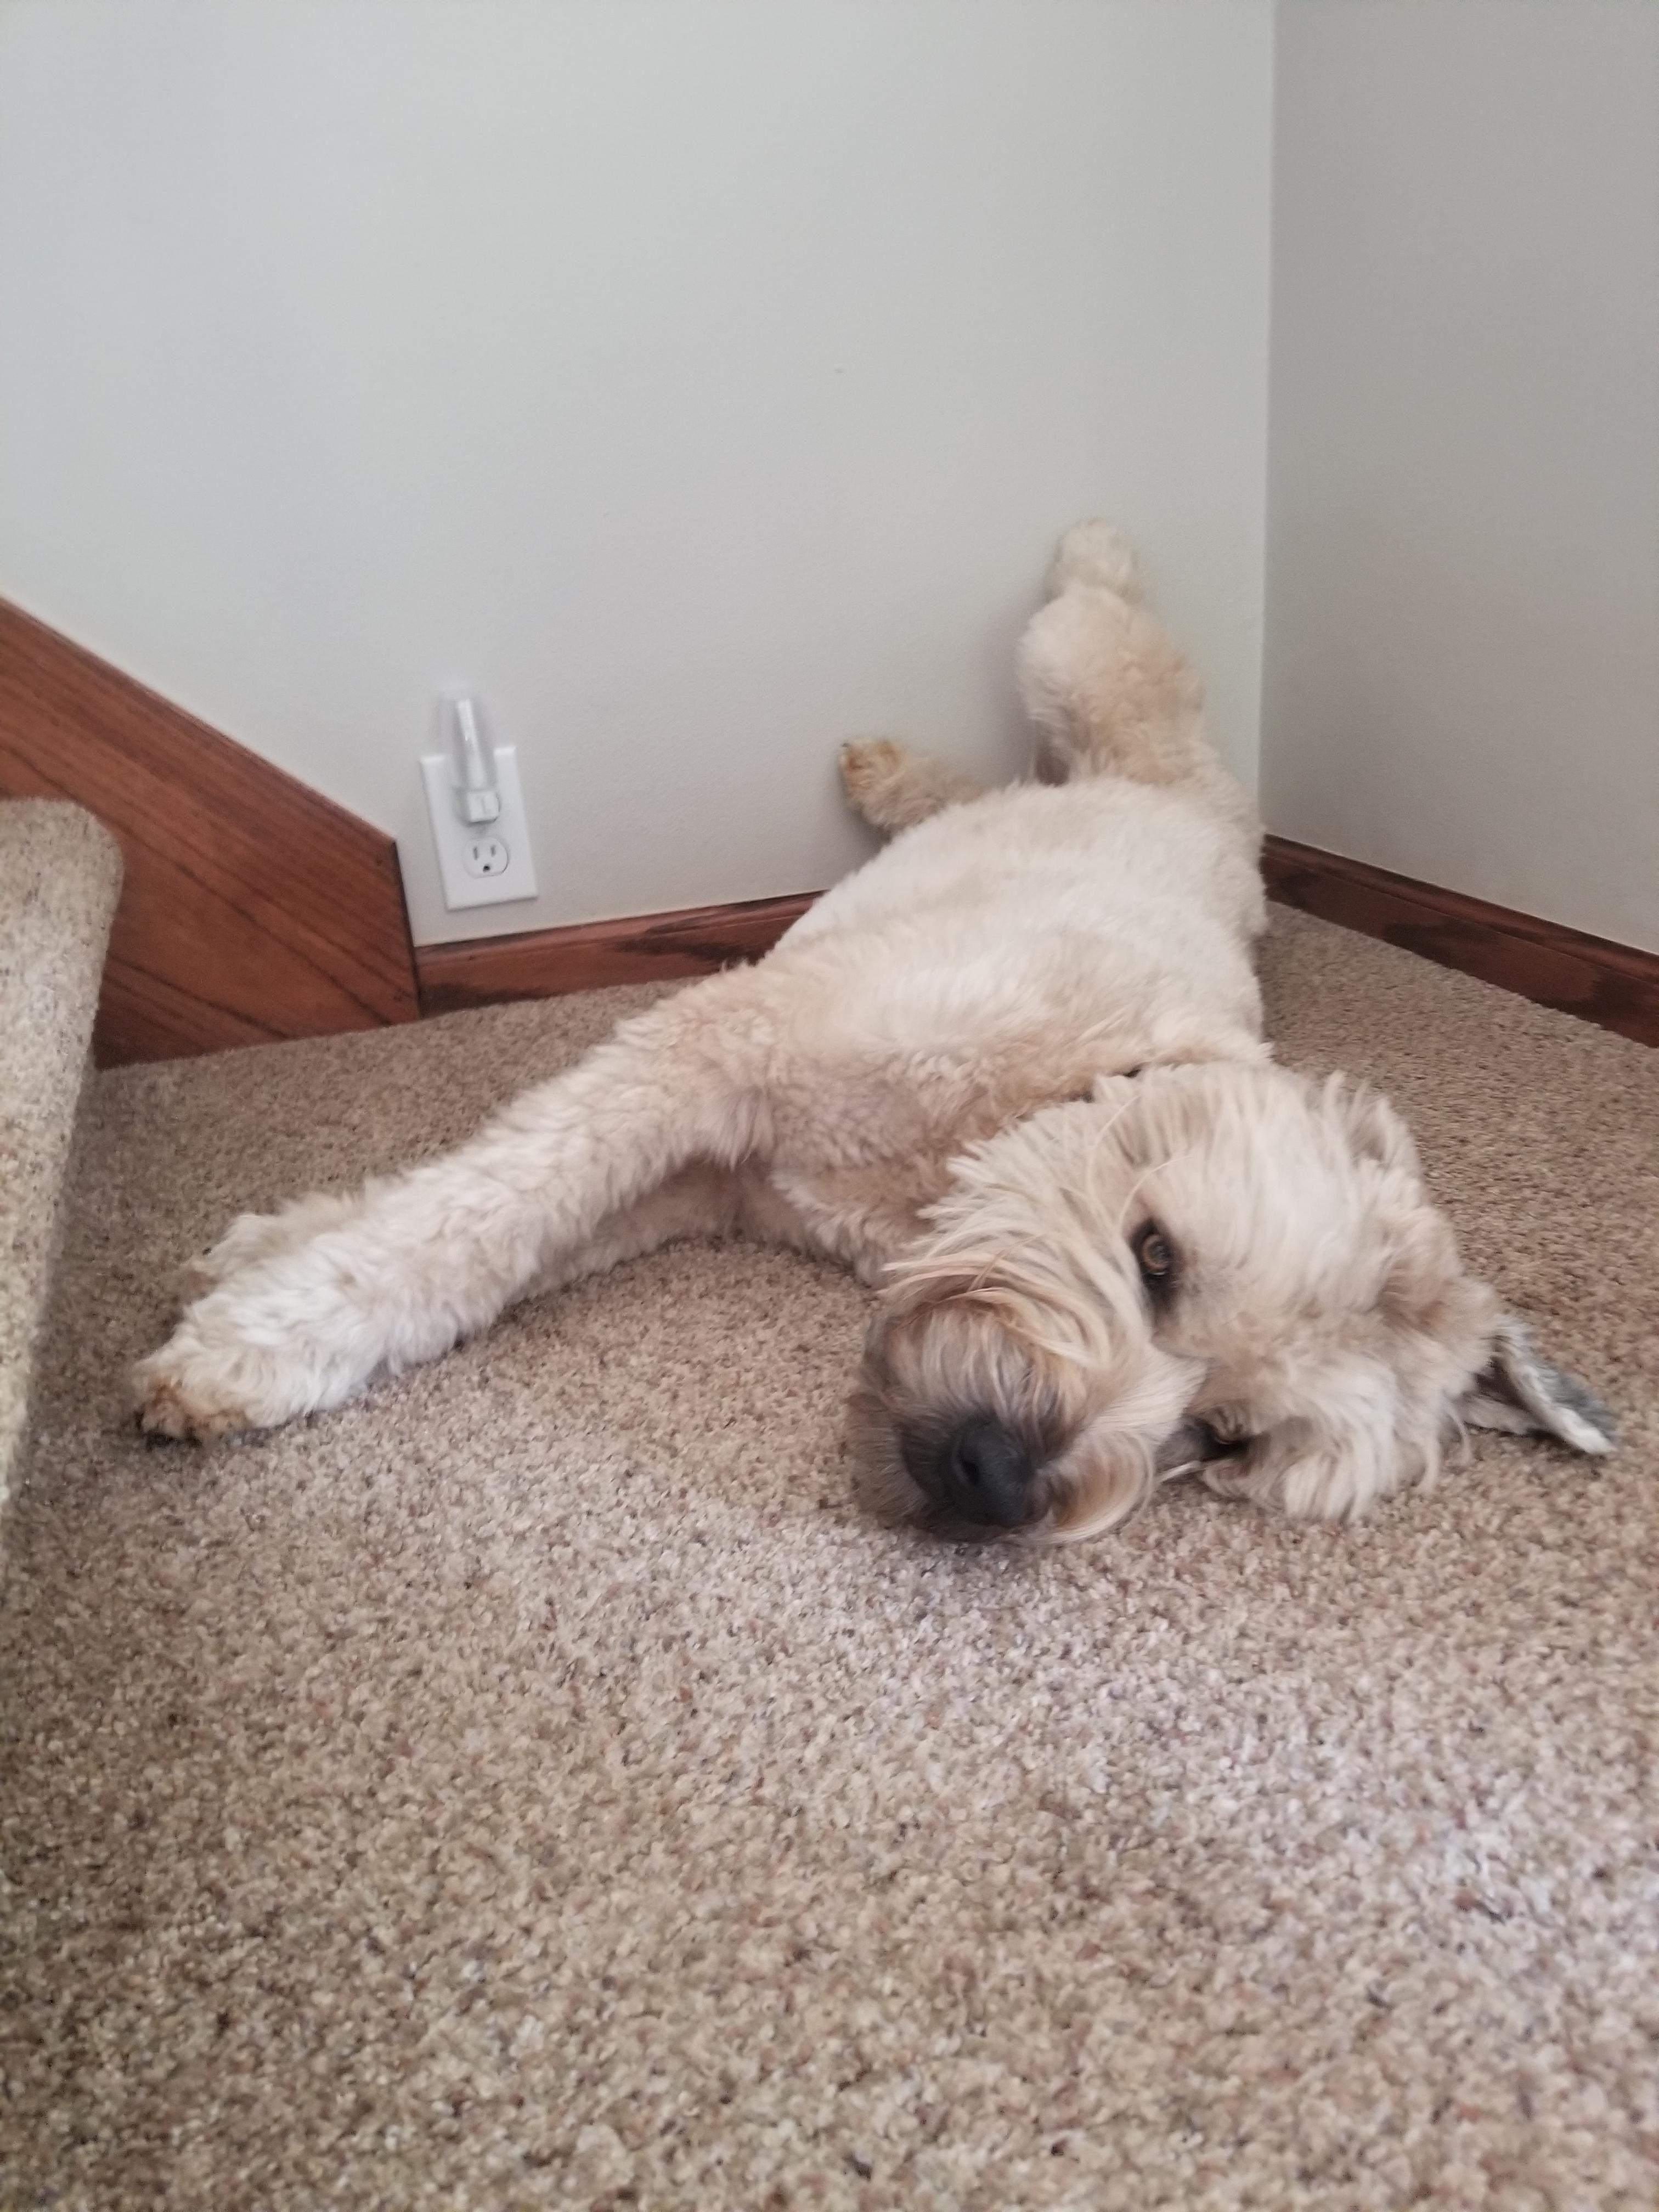 Heckin tired boye http://ift.tt/2sHH4cZ